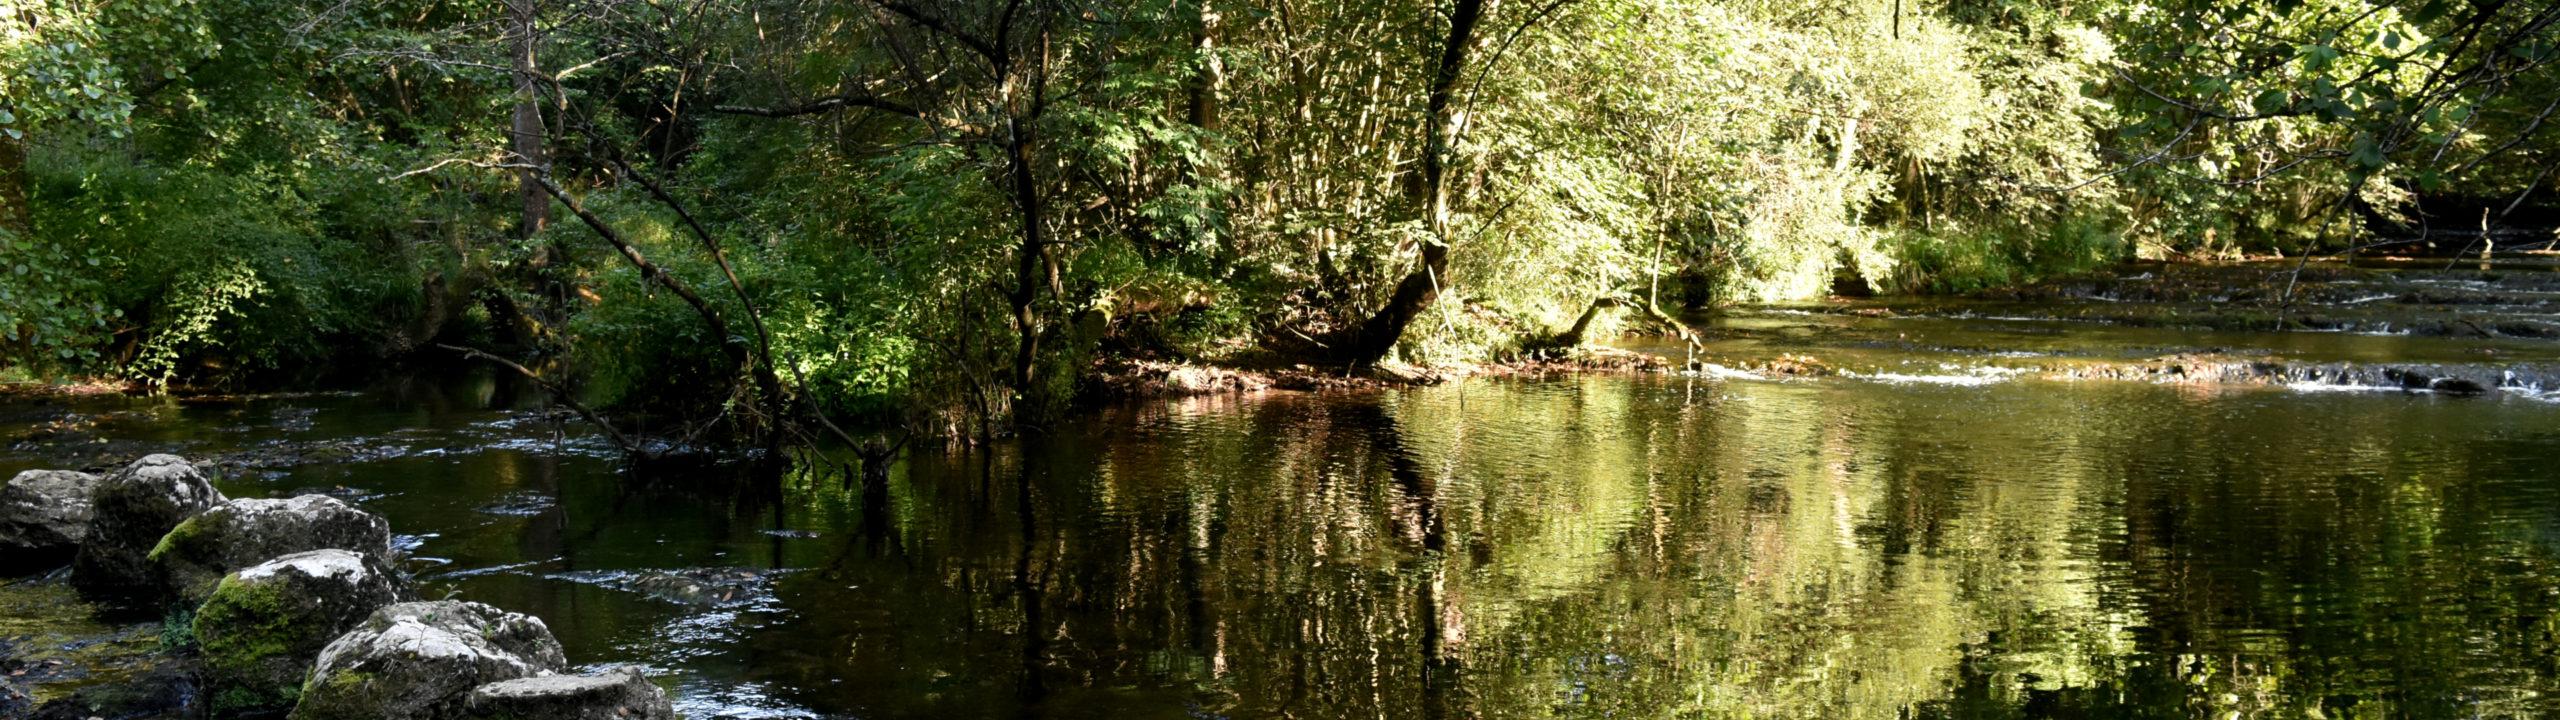 Río Clarín / Clarin River